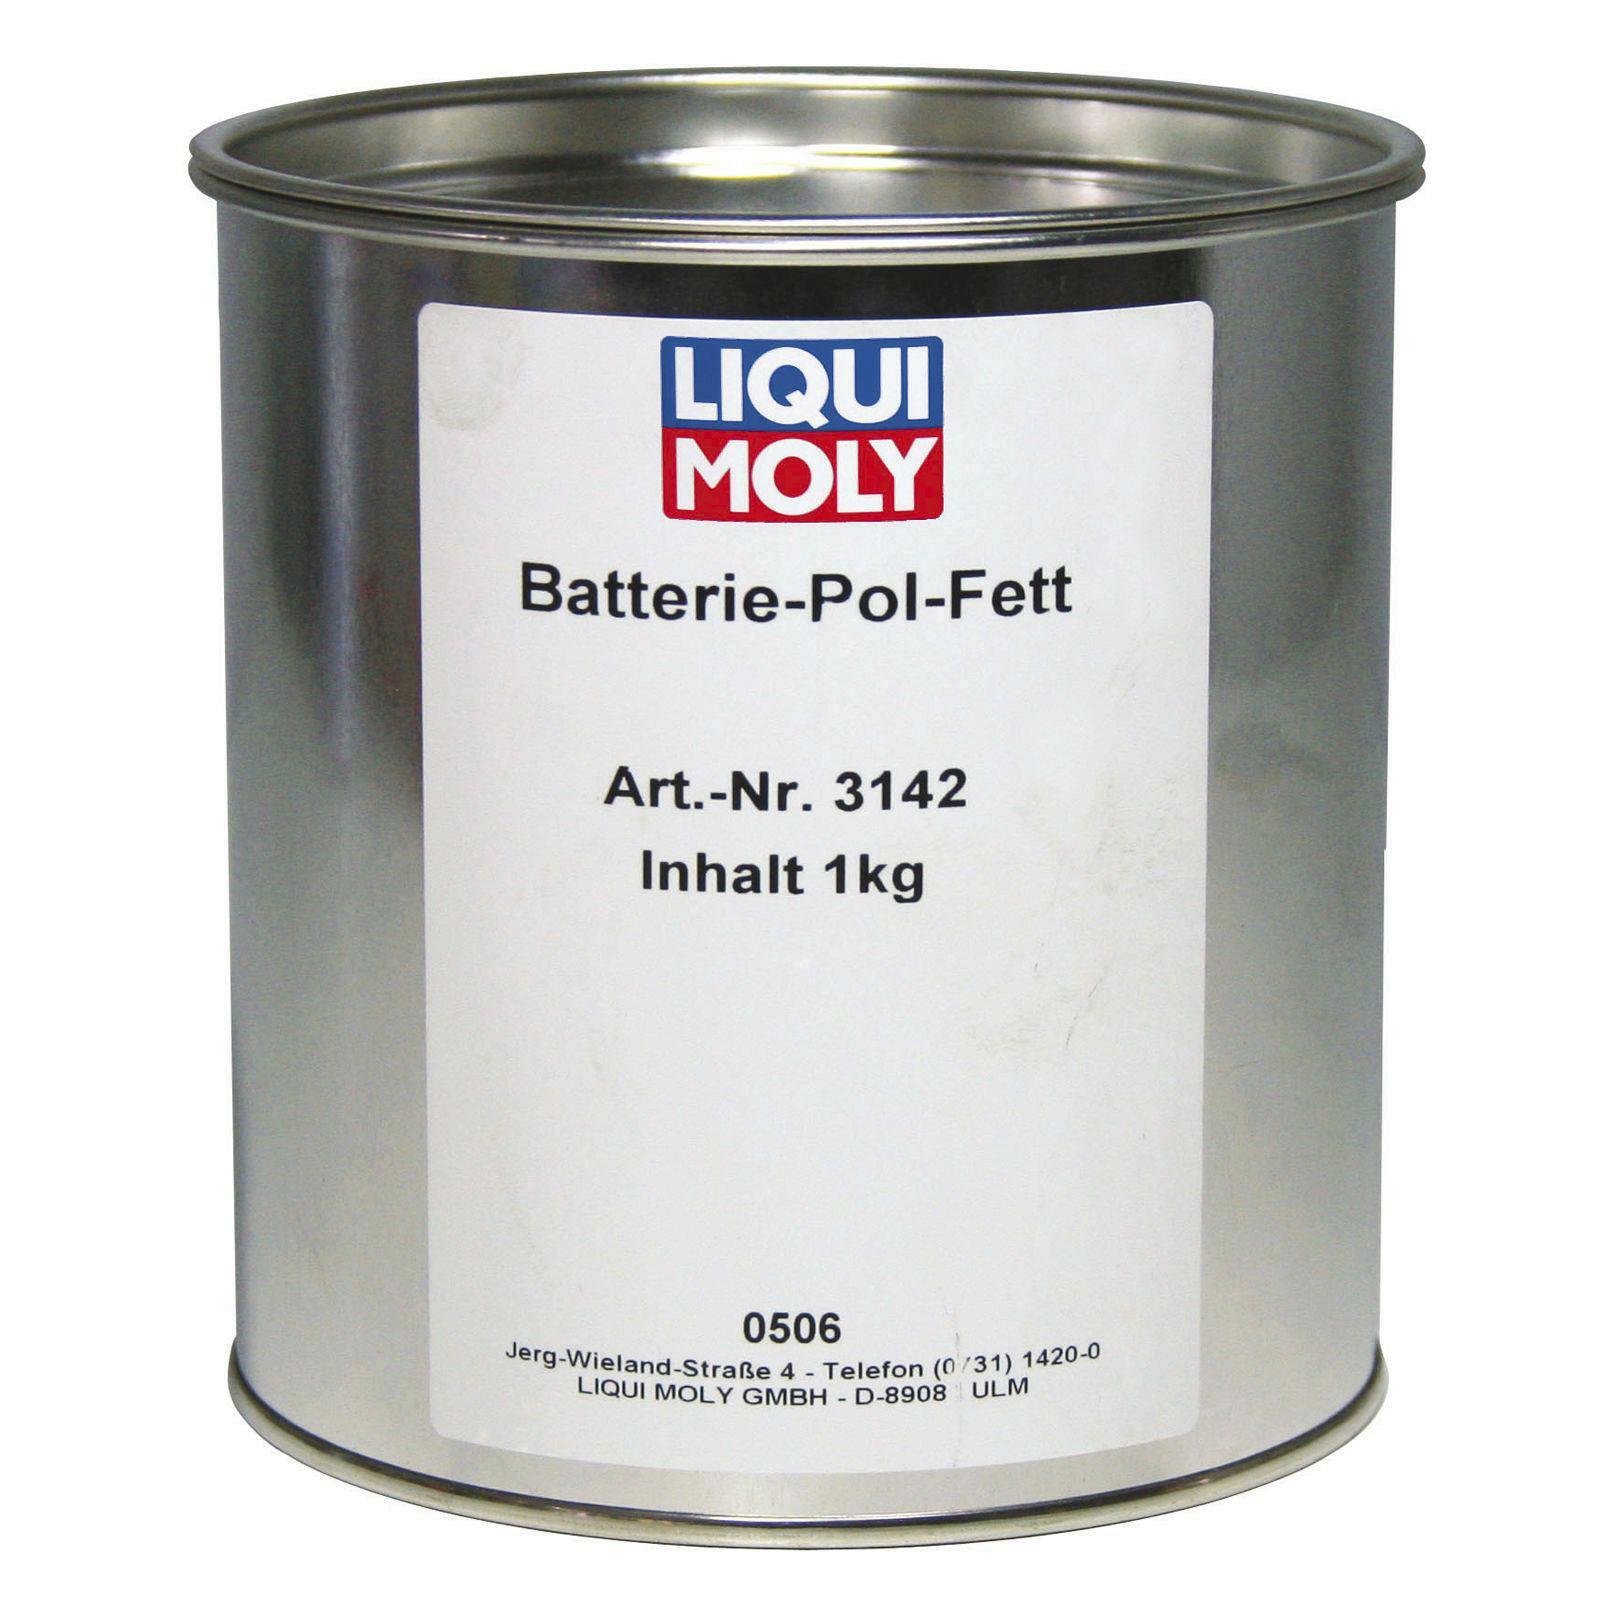 Liqui Moly Batterie-Pol-Fet 1kg